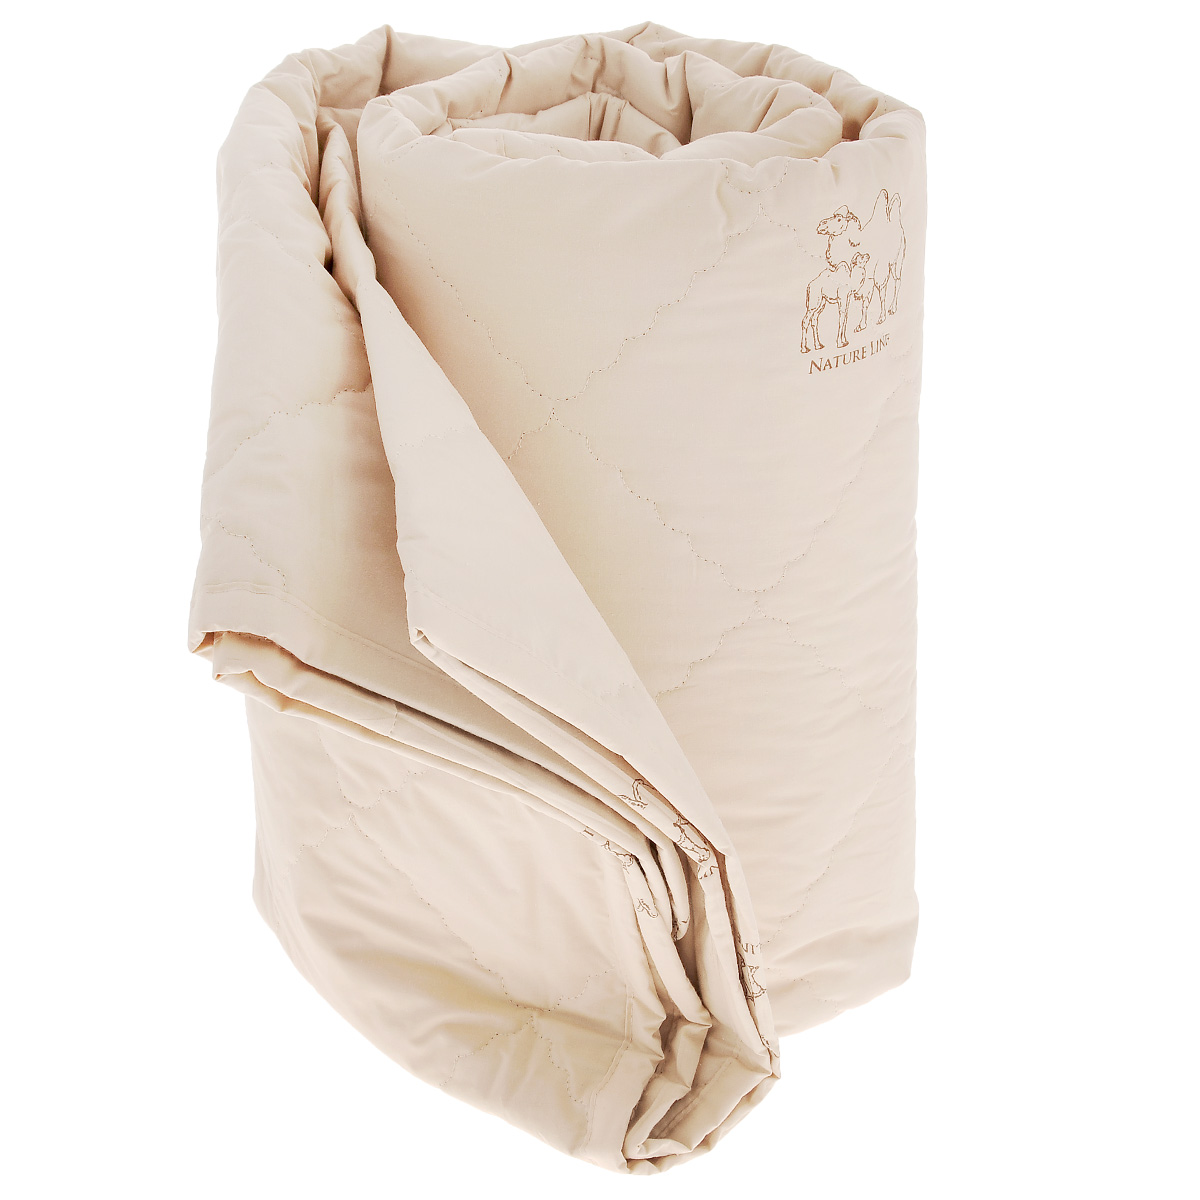 Одеяло La Prima Верблюжья шерсть, наполнитель: верблюжья шерсть, полиэфирное волокно, цвет: темно-бежевый, 200 см х 220 см68/1/7Одеяло La Prima Верблюжья шерсть - это выбор тех, кто заботится о своем здоровье, поскольку оно отличается не только теплотой и мягкостью, но и своими целебными свойствами. Чехол выполнен из 100% хлопка. Наполнитель - с натуральной верблюжьей шерстью. Одеяло из верблюжьей шерсти подарит вам абсолютный комфорт во время сна, так как оказывает положительное влияние на организм человека. Оно создает эффект сухого тепла, прогревая мышцы и суставы, успокаивает и снимает усталость. Одеяло из верблюжьей шерсти теплее, прочнее и при одинаковом объеме значительно легче овечьей шерсти. Оно гипоаллергенно и рекомендовано для профилактики и лечения многих заболеваний. Материал чехла: 100% хлопок. Наполнитель: верблюжья шерсть, полиэфирное волокно.